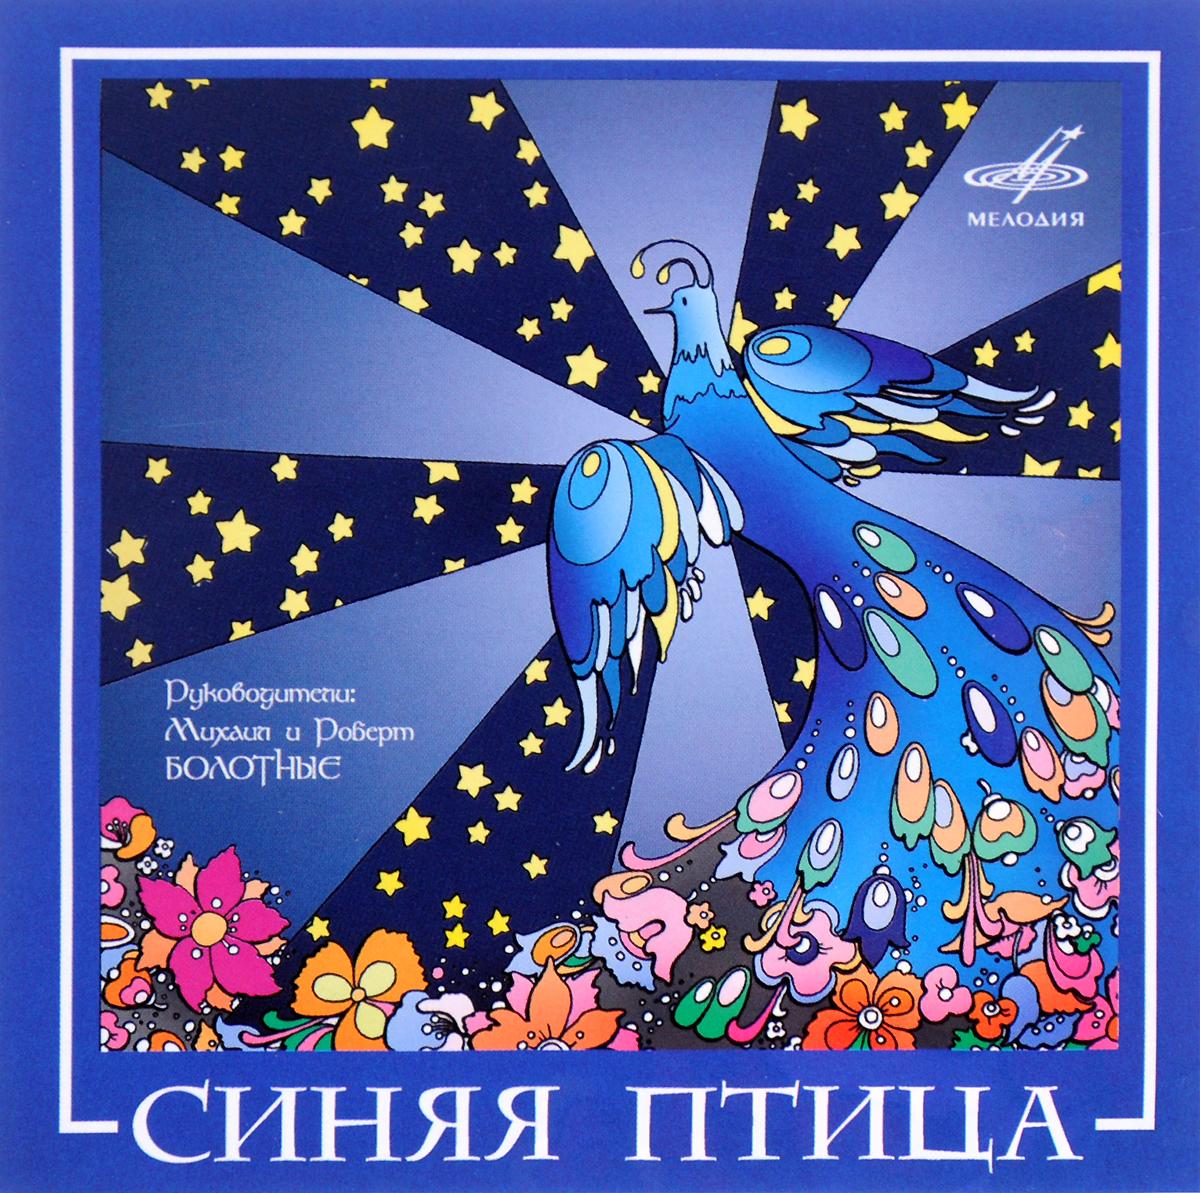 ВИА Синяя птица Мелодия: вокально-инструментальные ансамбли. ВИА Синяя птица роман воликов виа имени вахтанга кикабидзе